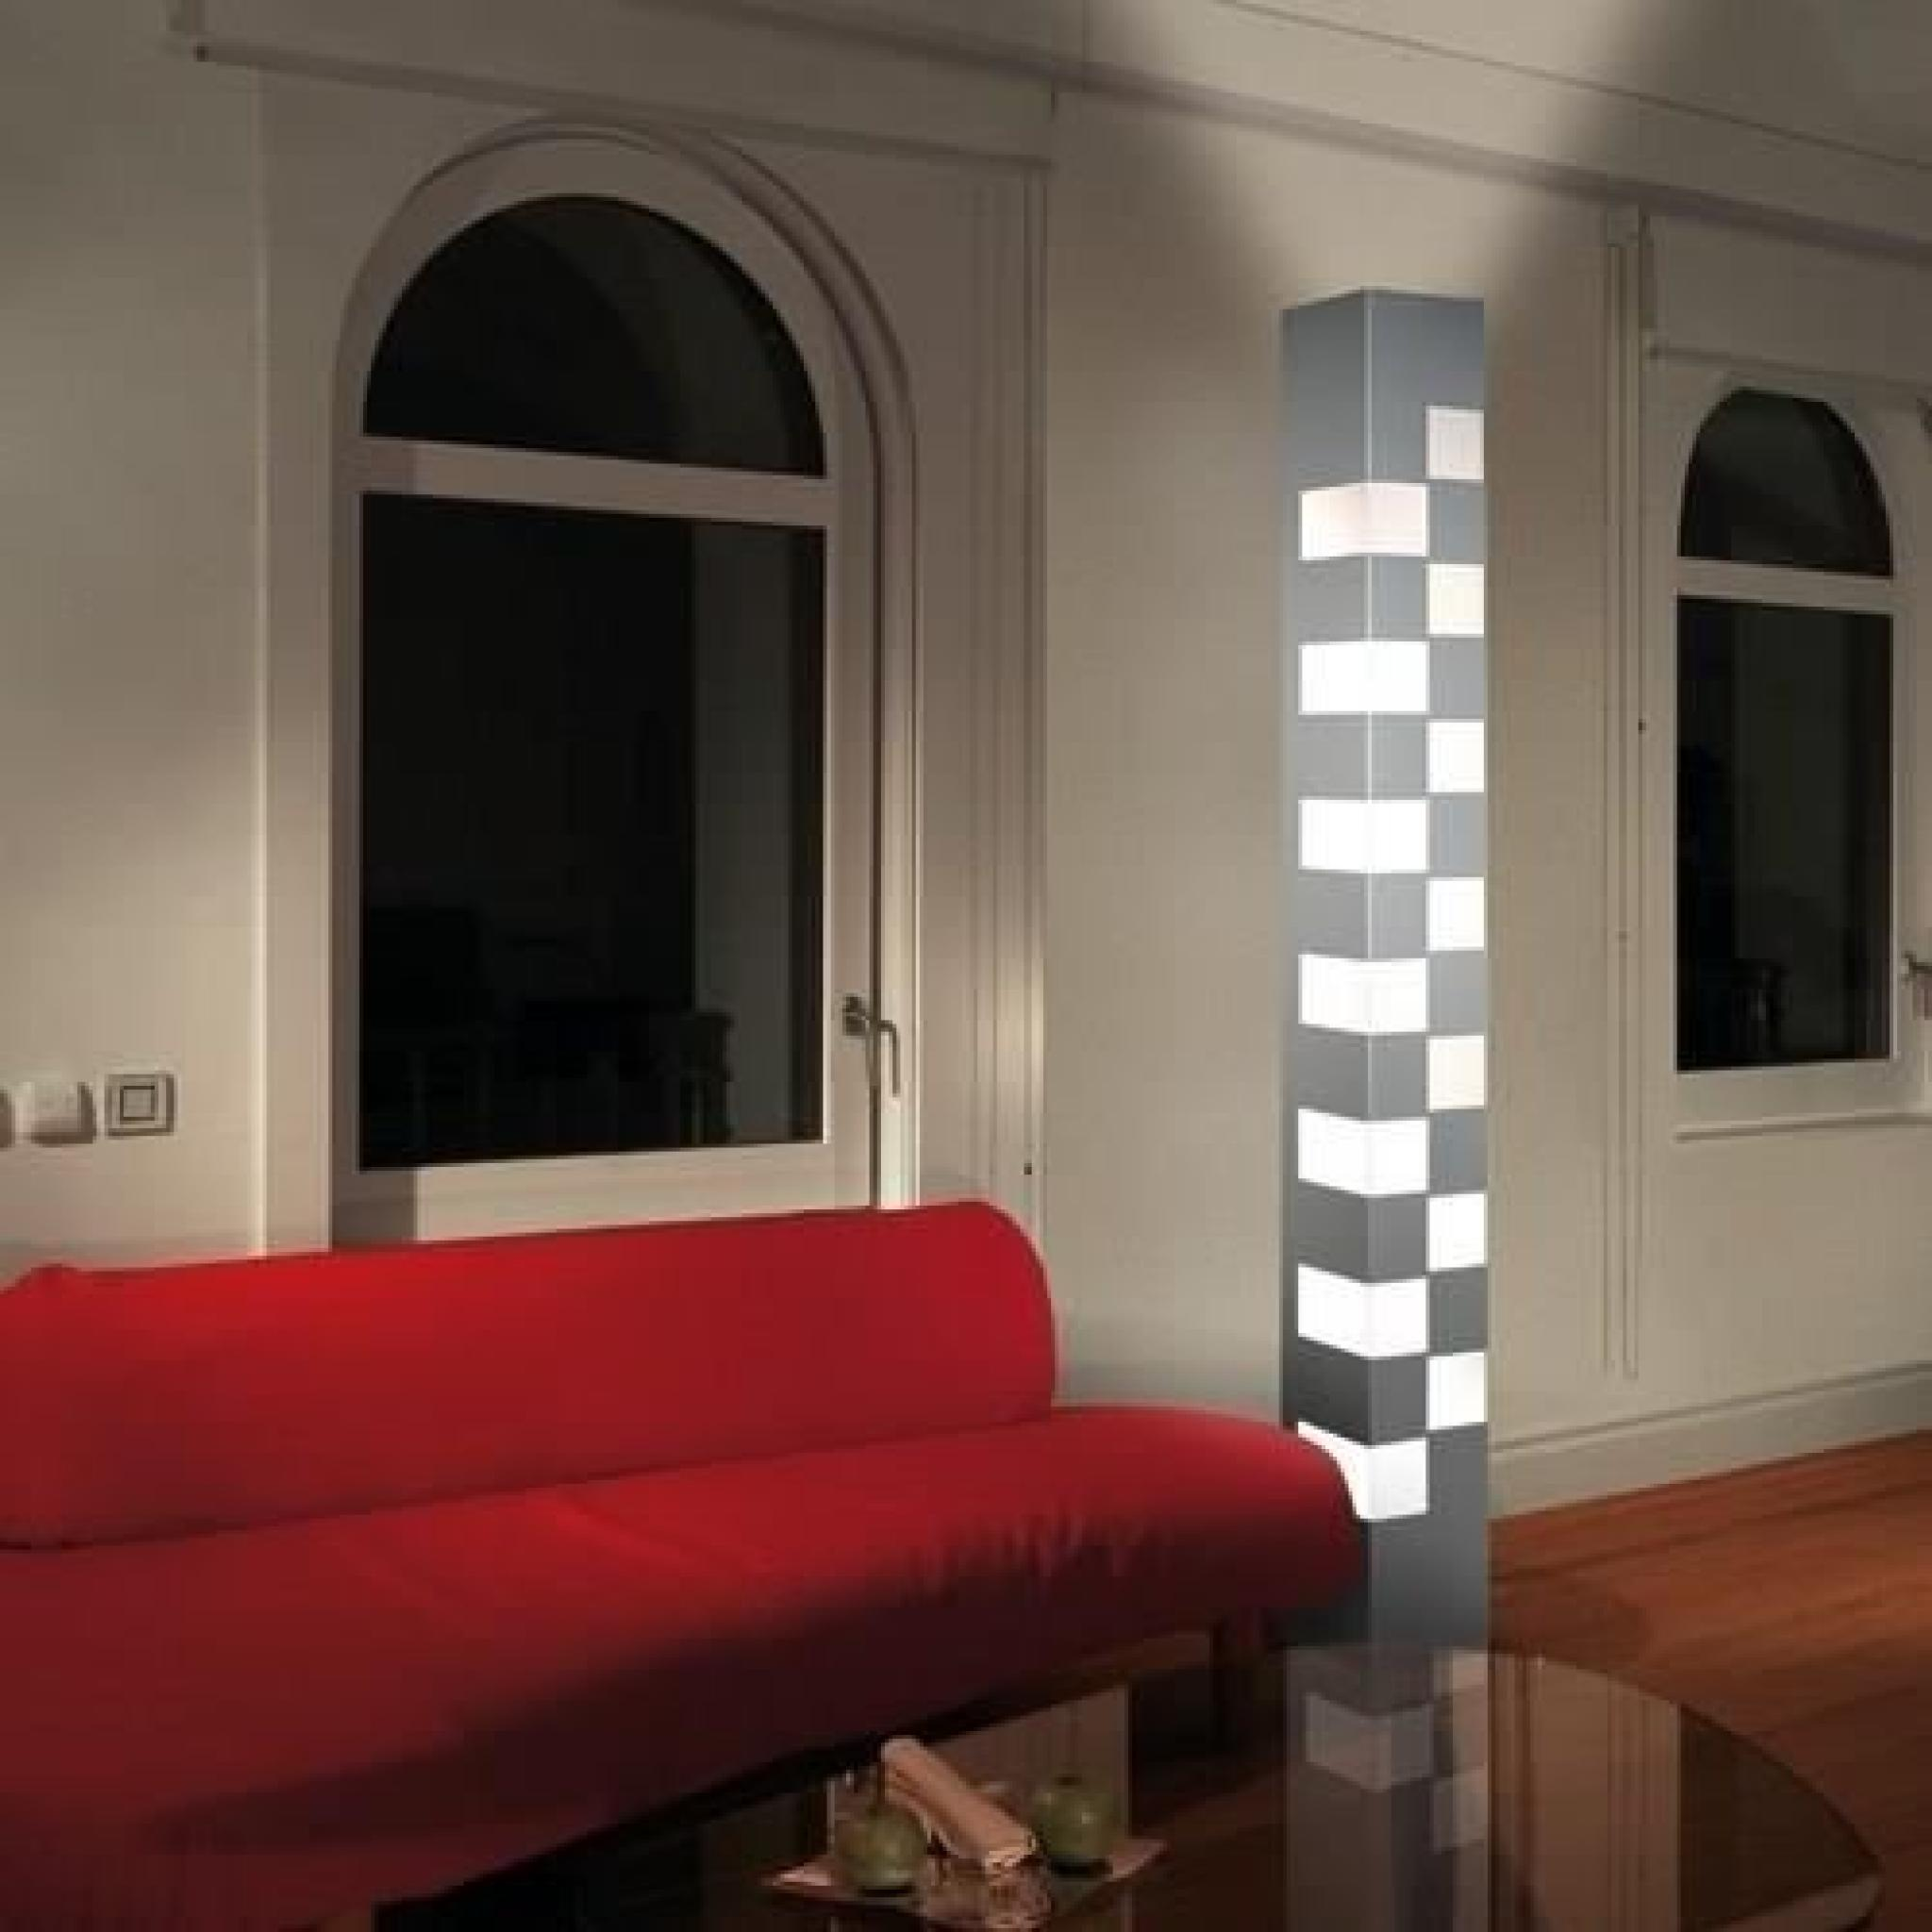 lampadaire design totem led et halogene achat vente lampadaire pas cher couleur et. Black Bedroom Furniture Sets. Home Design Ideas